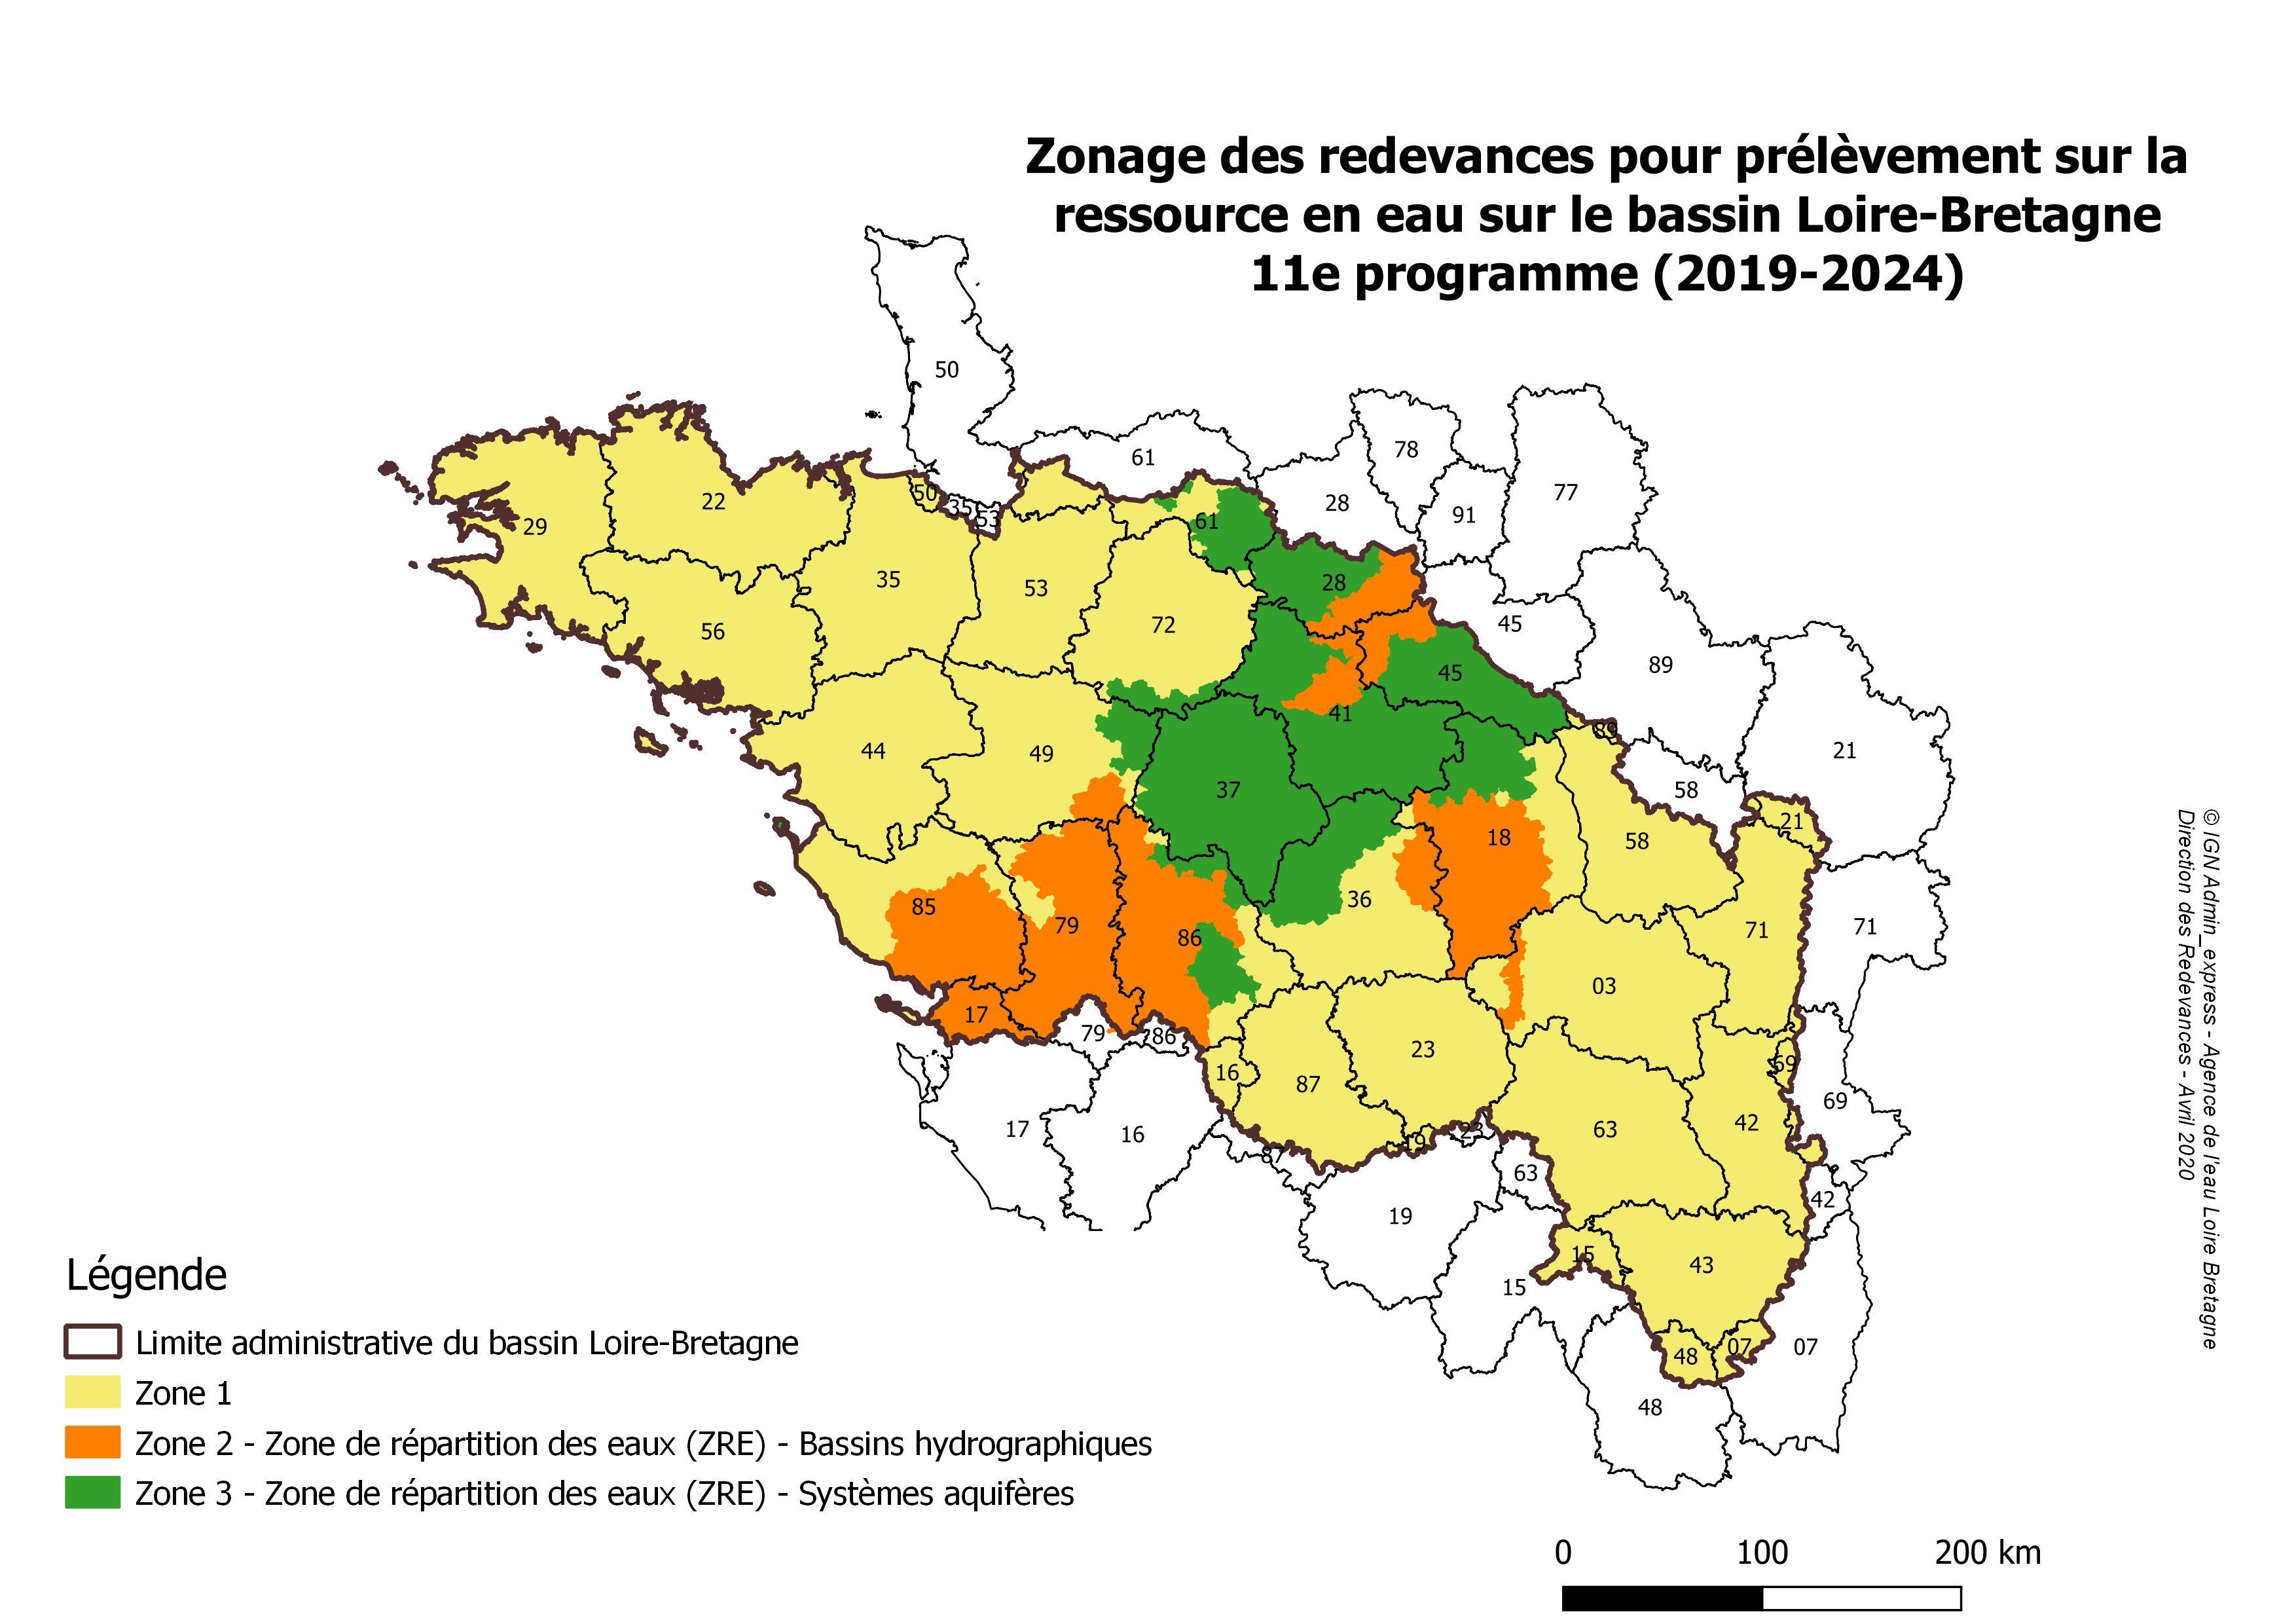 Zonage des redevances pour prélèvement sur la ressource en eau - 11e programme